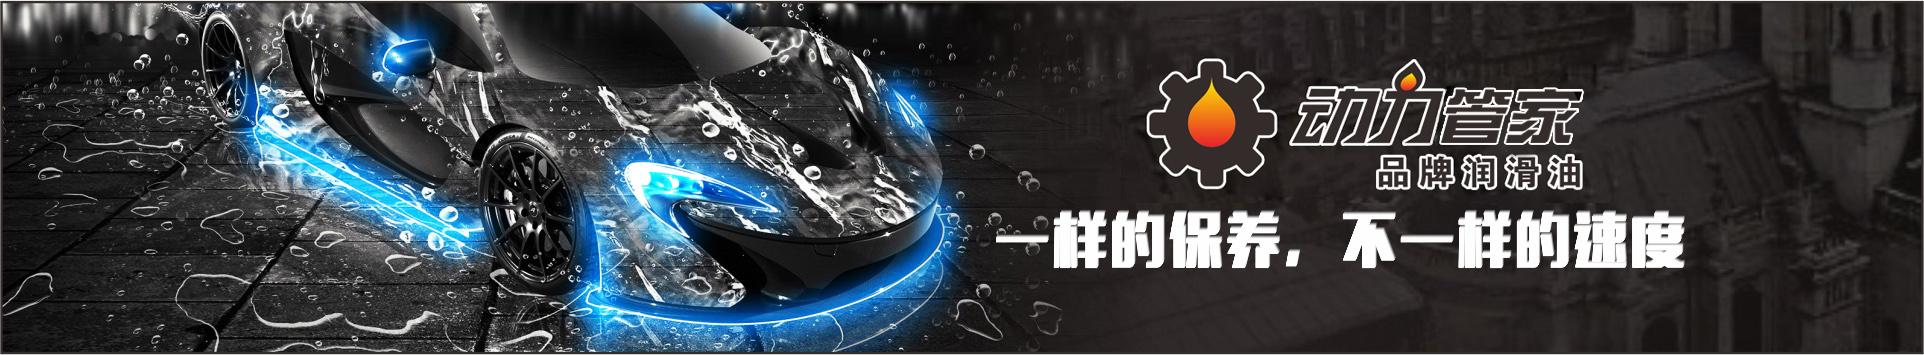 德赢vwin官网下载vwin娱乐网网址